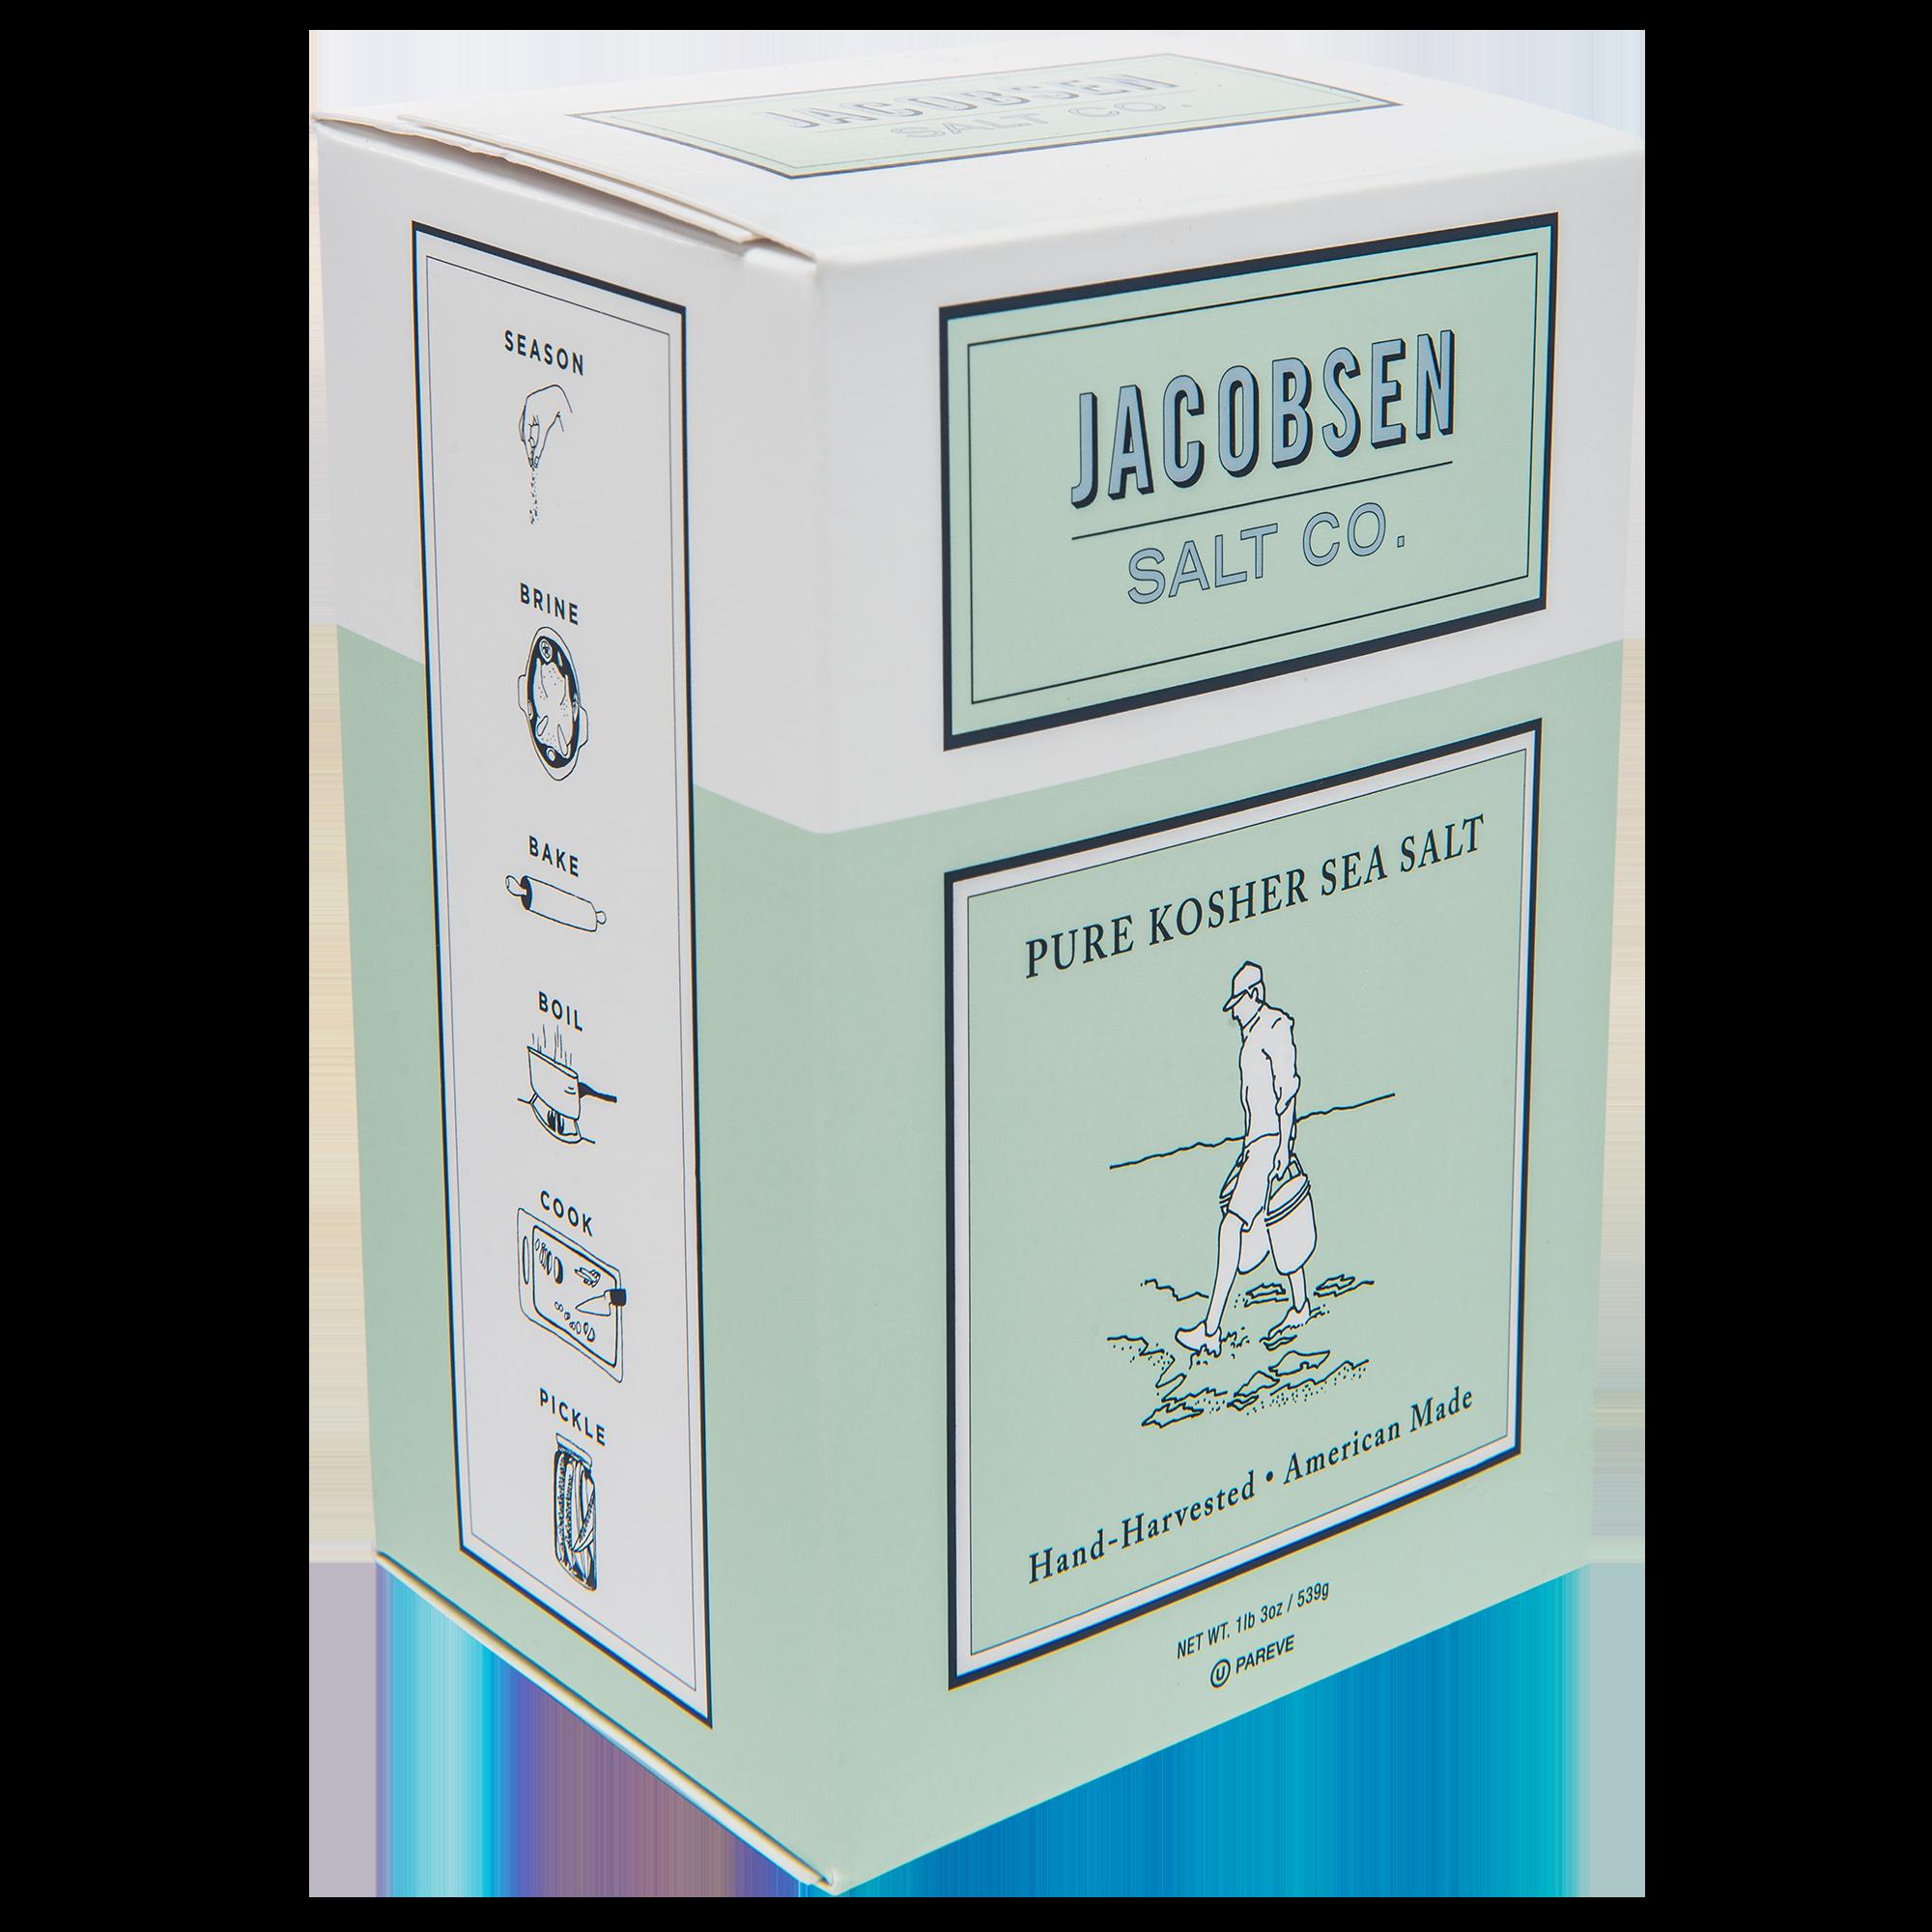 Jacobson Salt